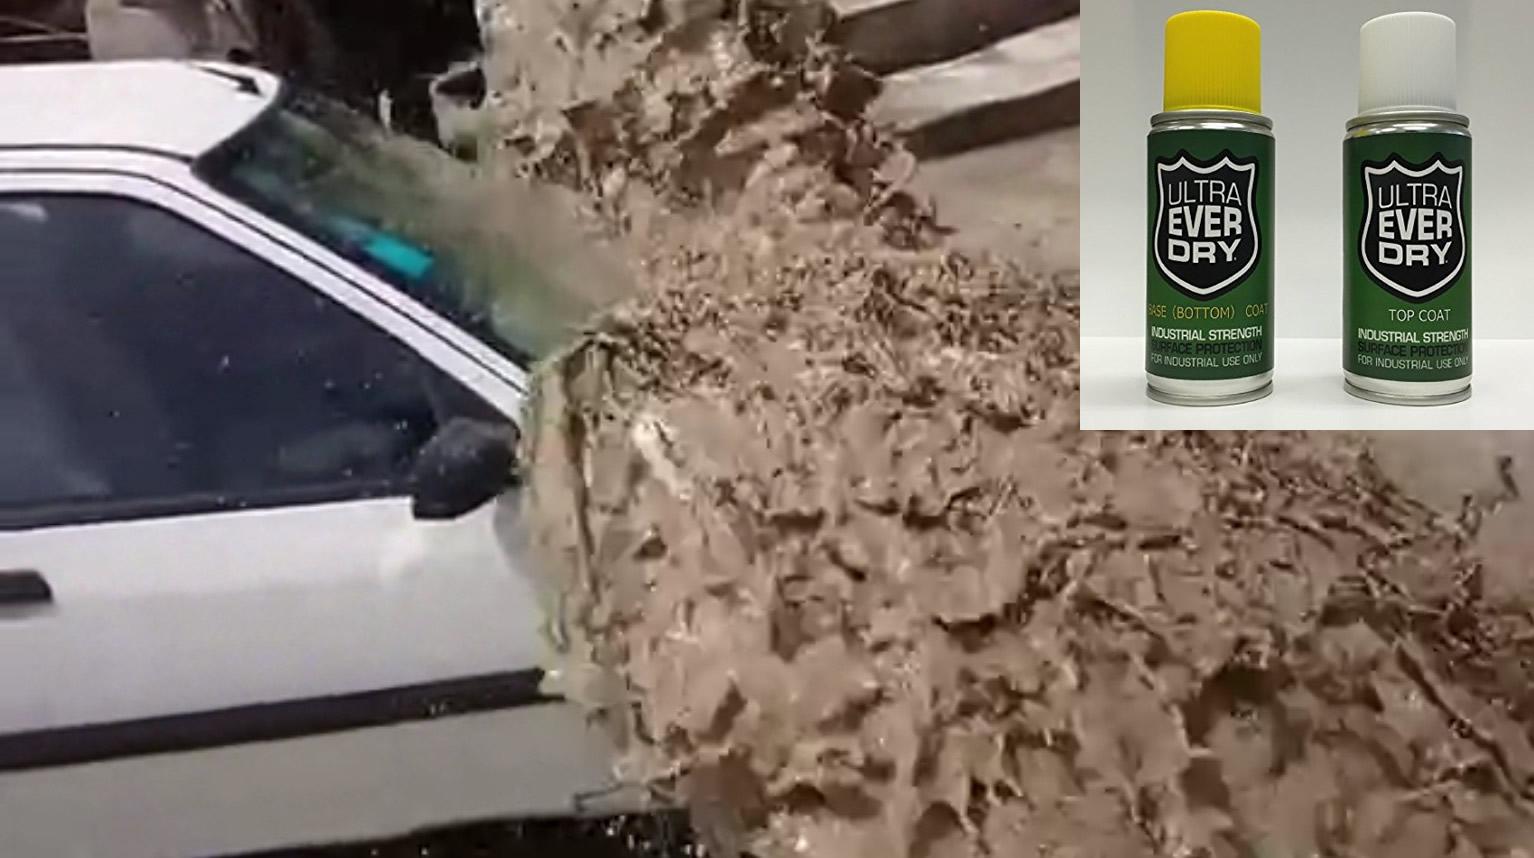 何でも防水にできる超強力「防水スプレー」を車に施し、生コンクリートをぶっかけてみた結果